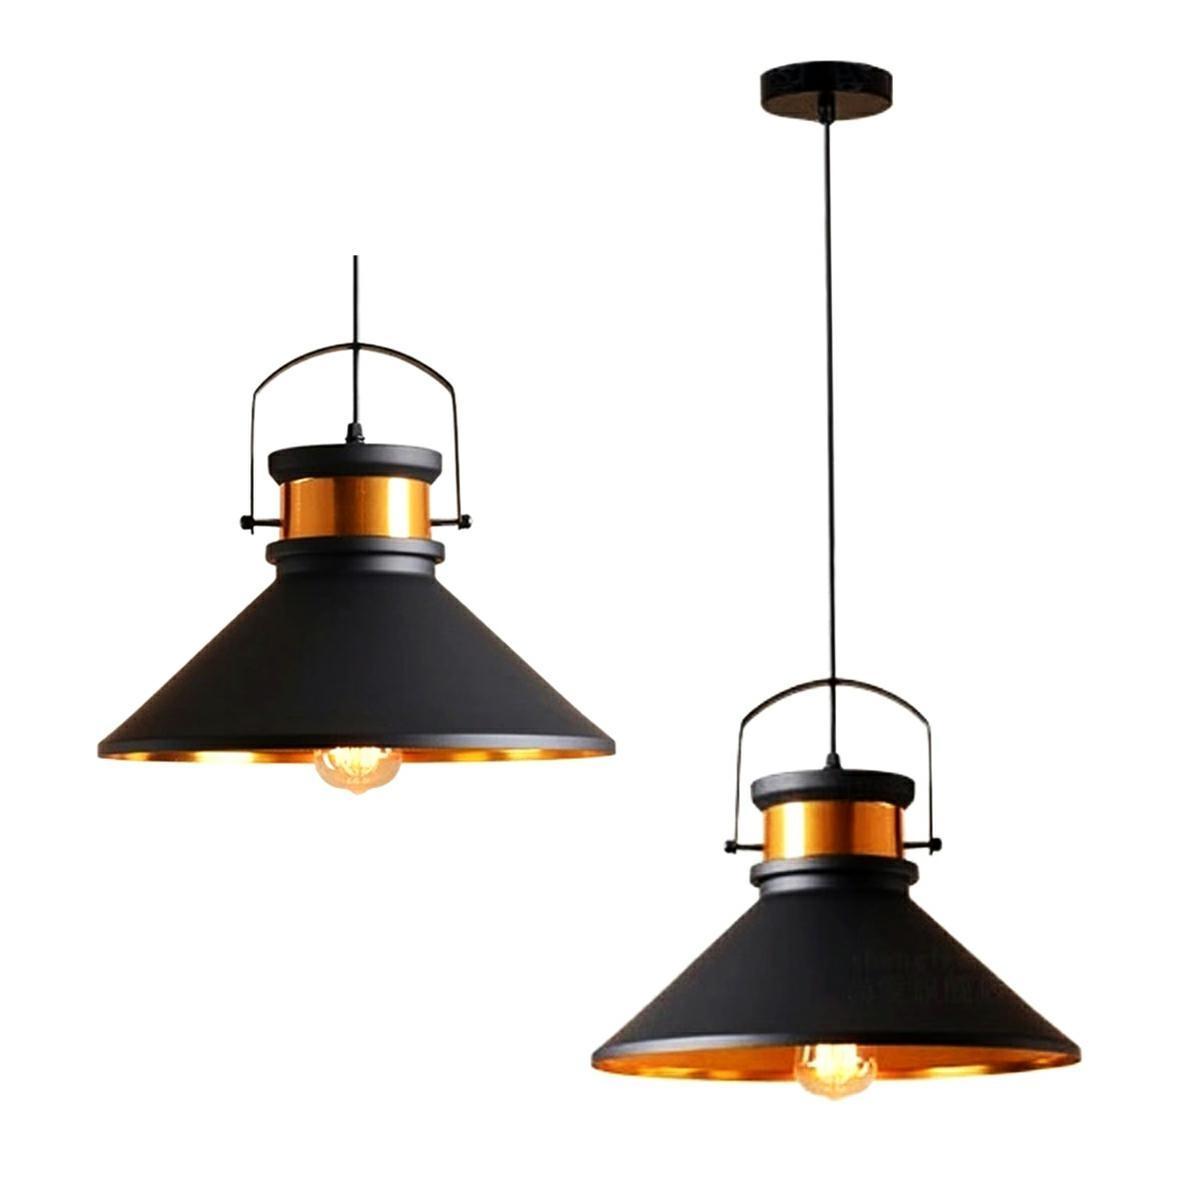 LED21 Závěsné stropní svítidlo RETRO LOFT s kovovým stínidlem 360mm, patice 1xE27, černé ZD74H